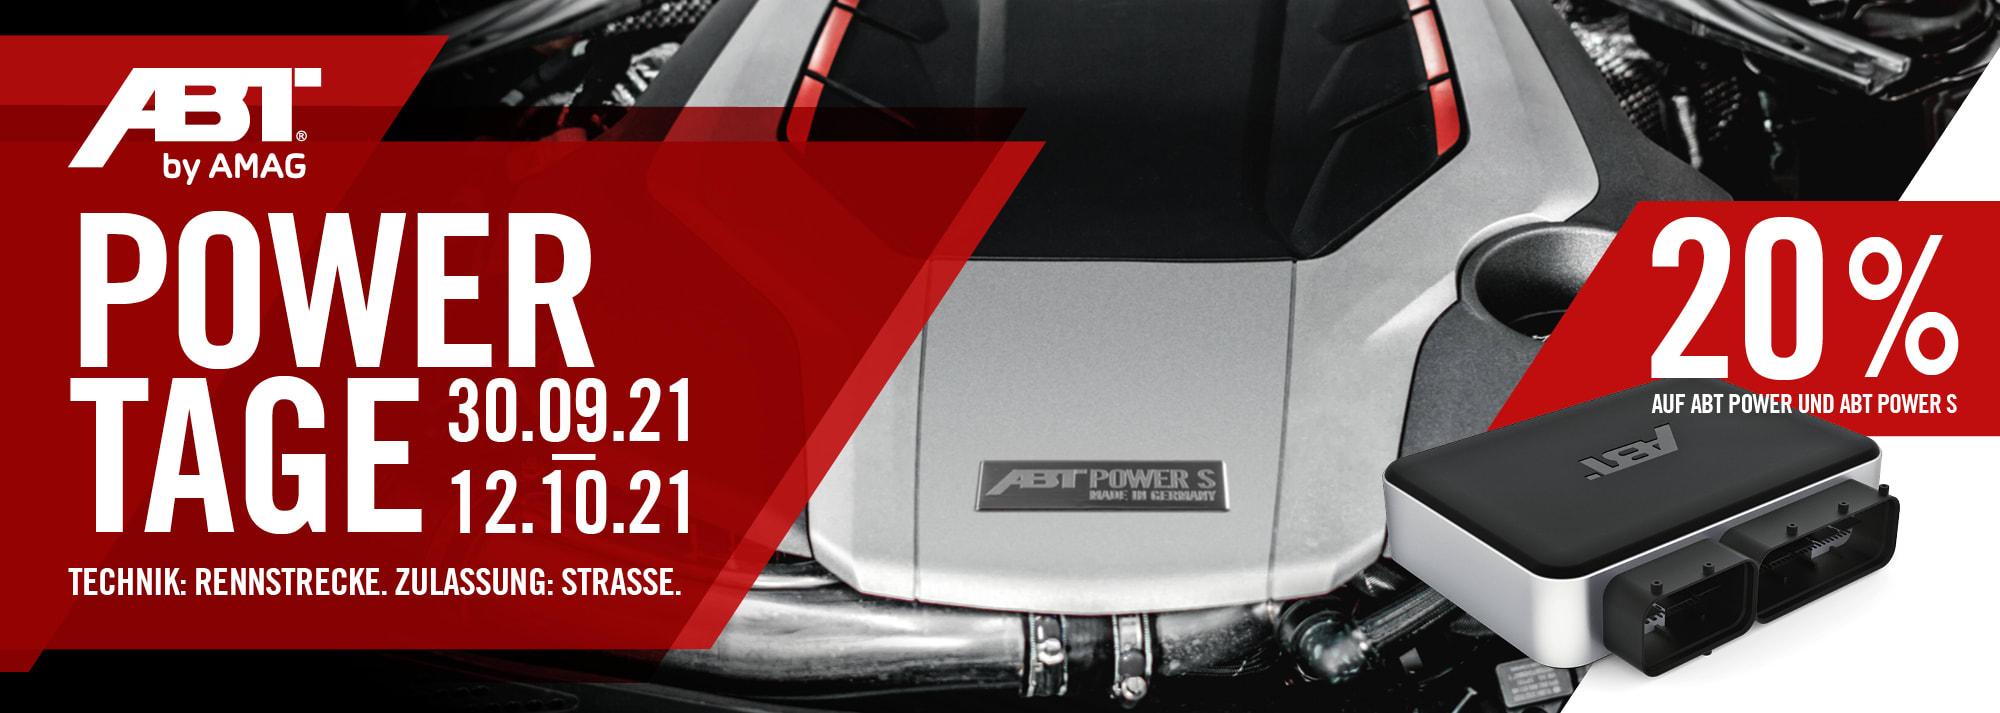 ABT Header 2000x713 D